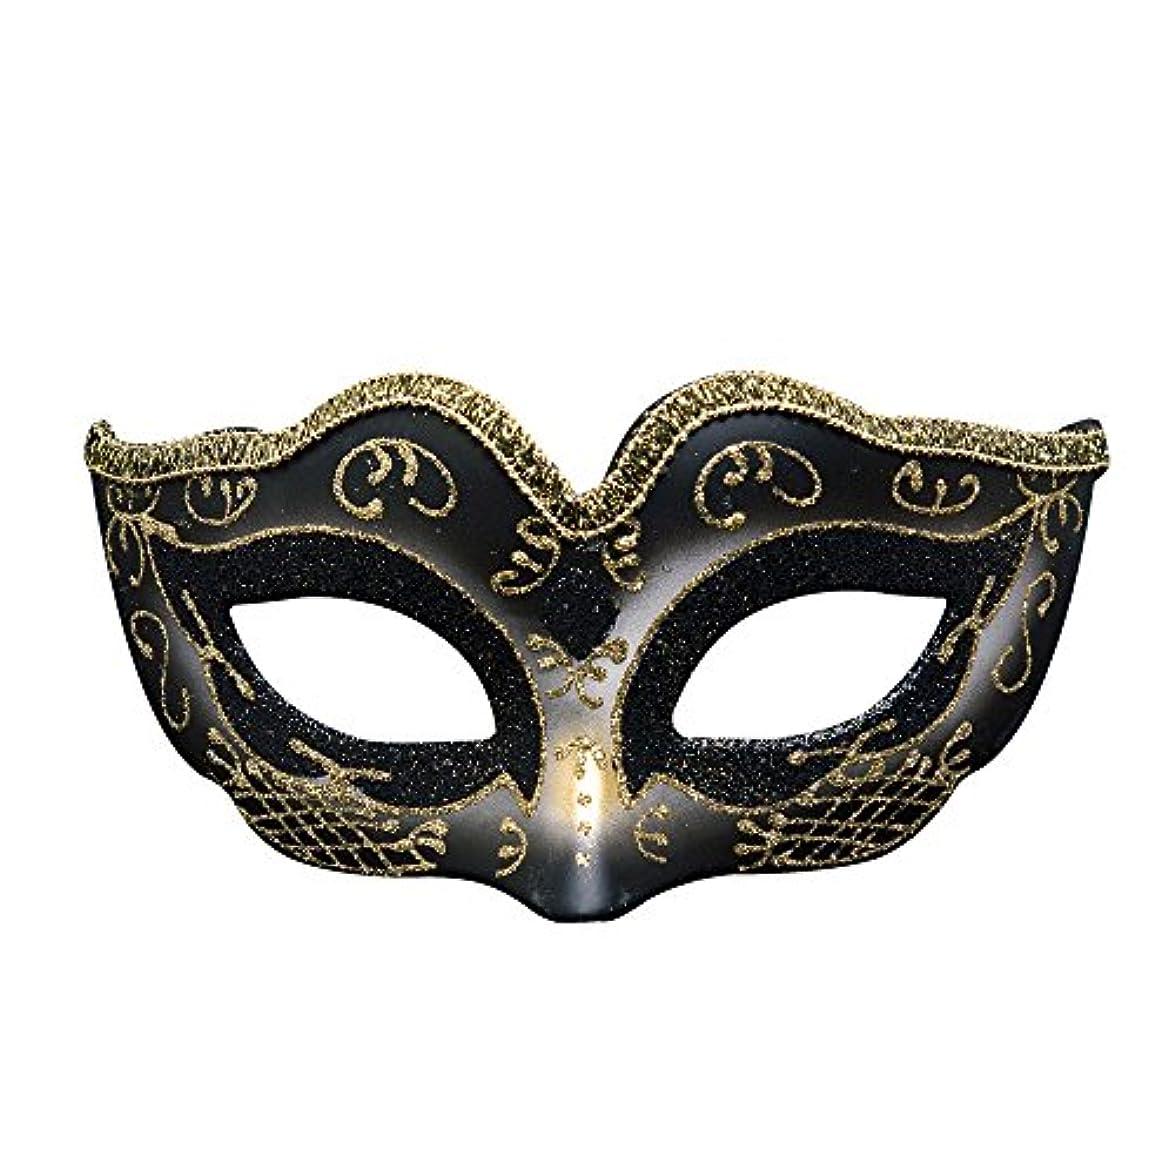 スーツケース苛性提供されたクリエイティブカスタム子供のなりすましパーティーハロウィーンマスククリスマス雰囲気マスク (Color : E)